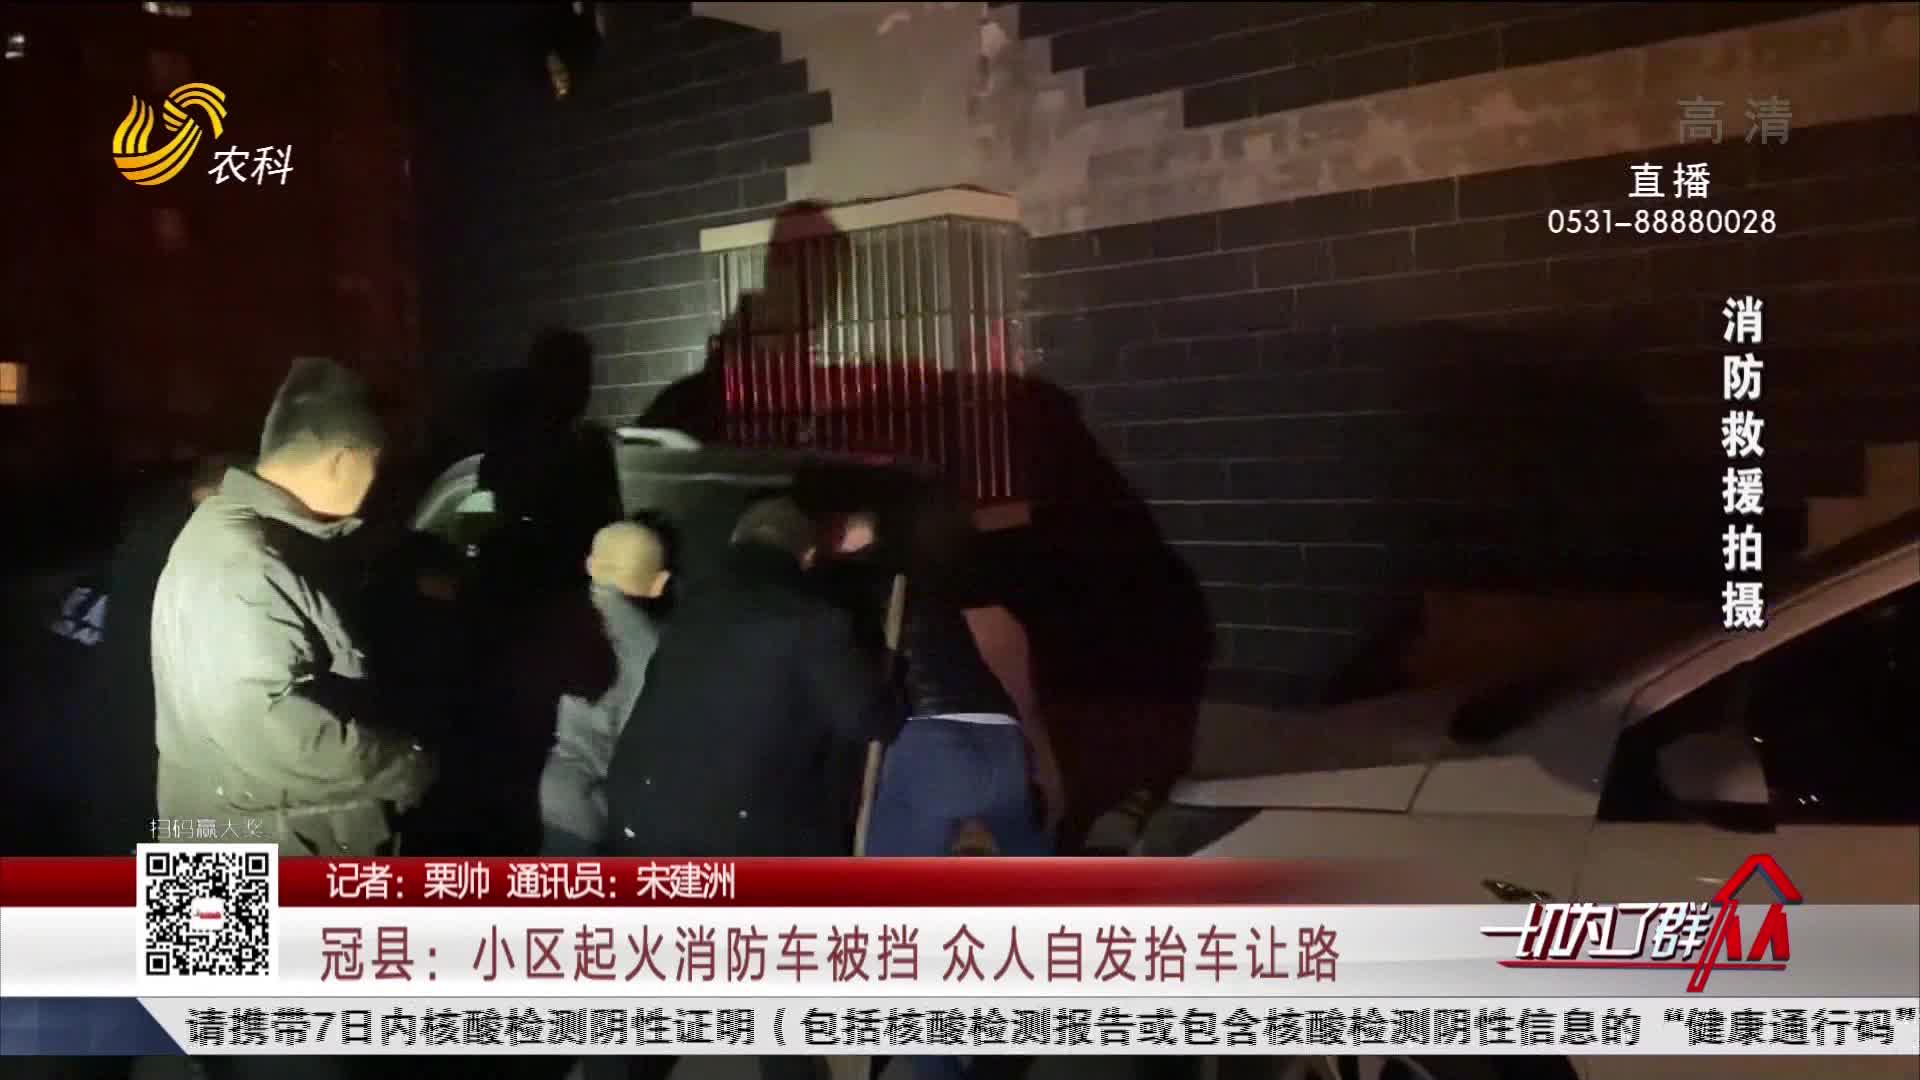 冠县:小区起火消防车被挡 众人自发抬车让路